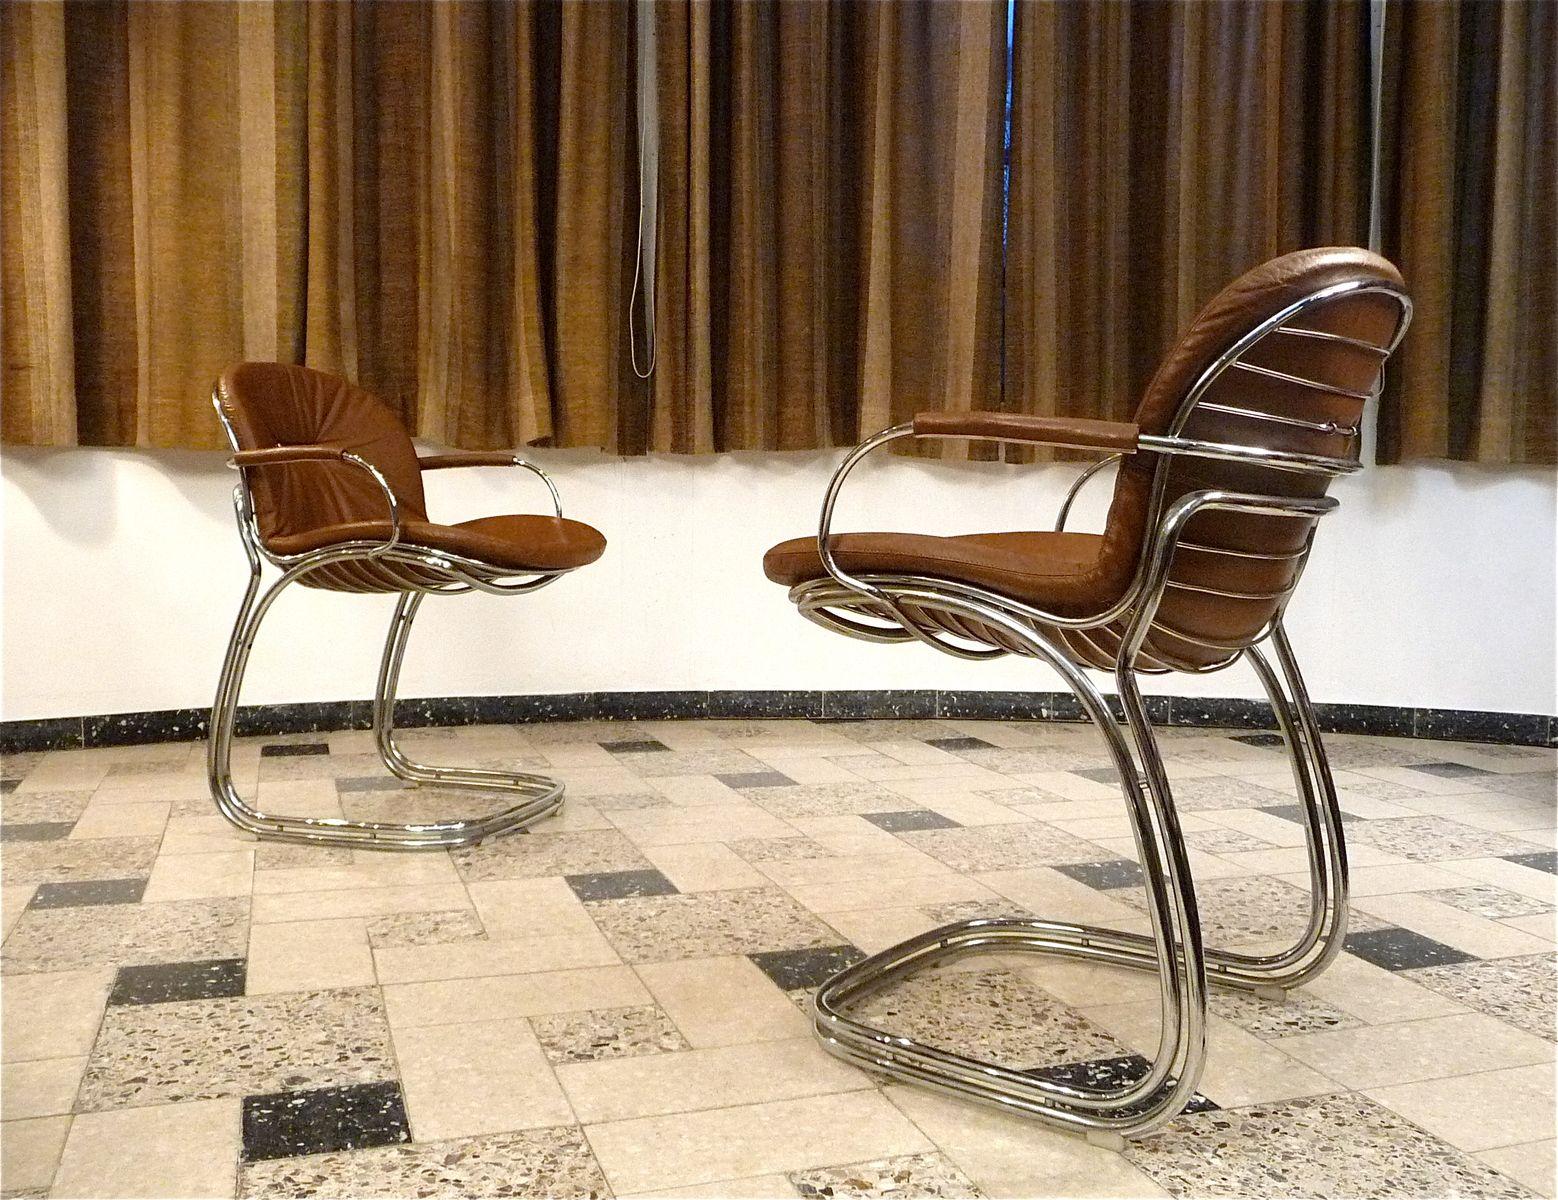 sabrina leder esszimmer st hle von gastone rinaldi f r. Black Bedroom Furniture Sets. Home Design Ideas